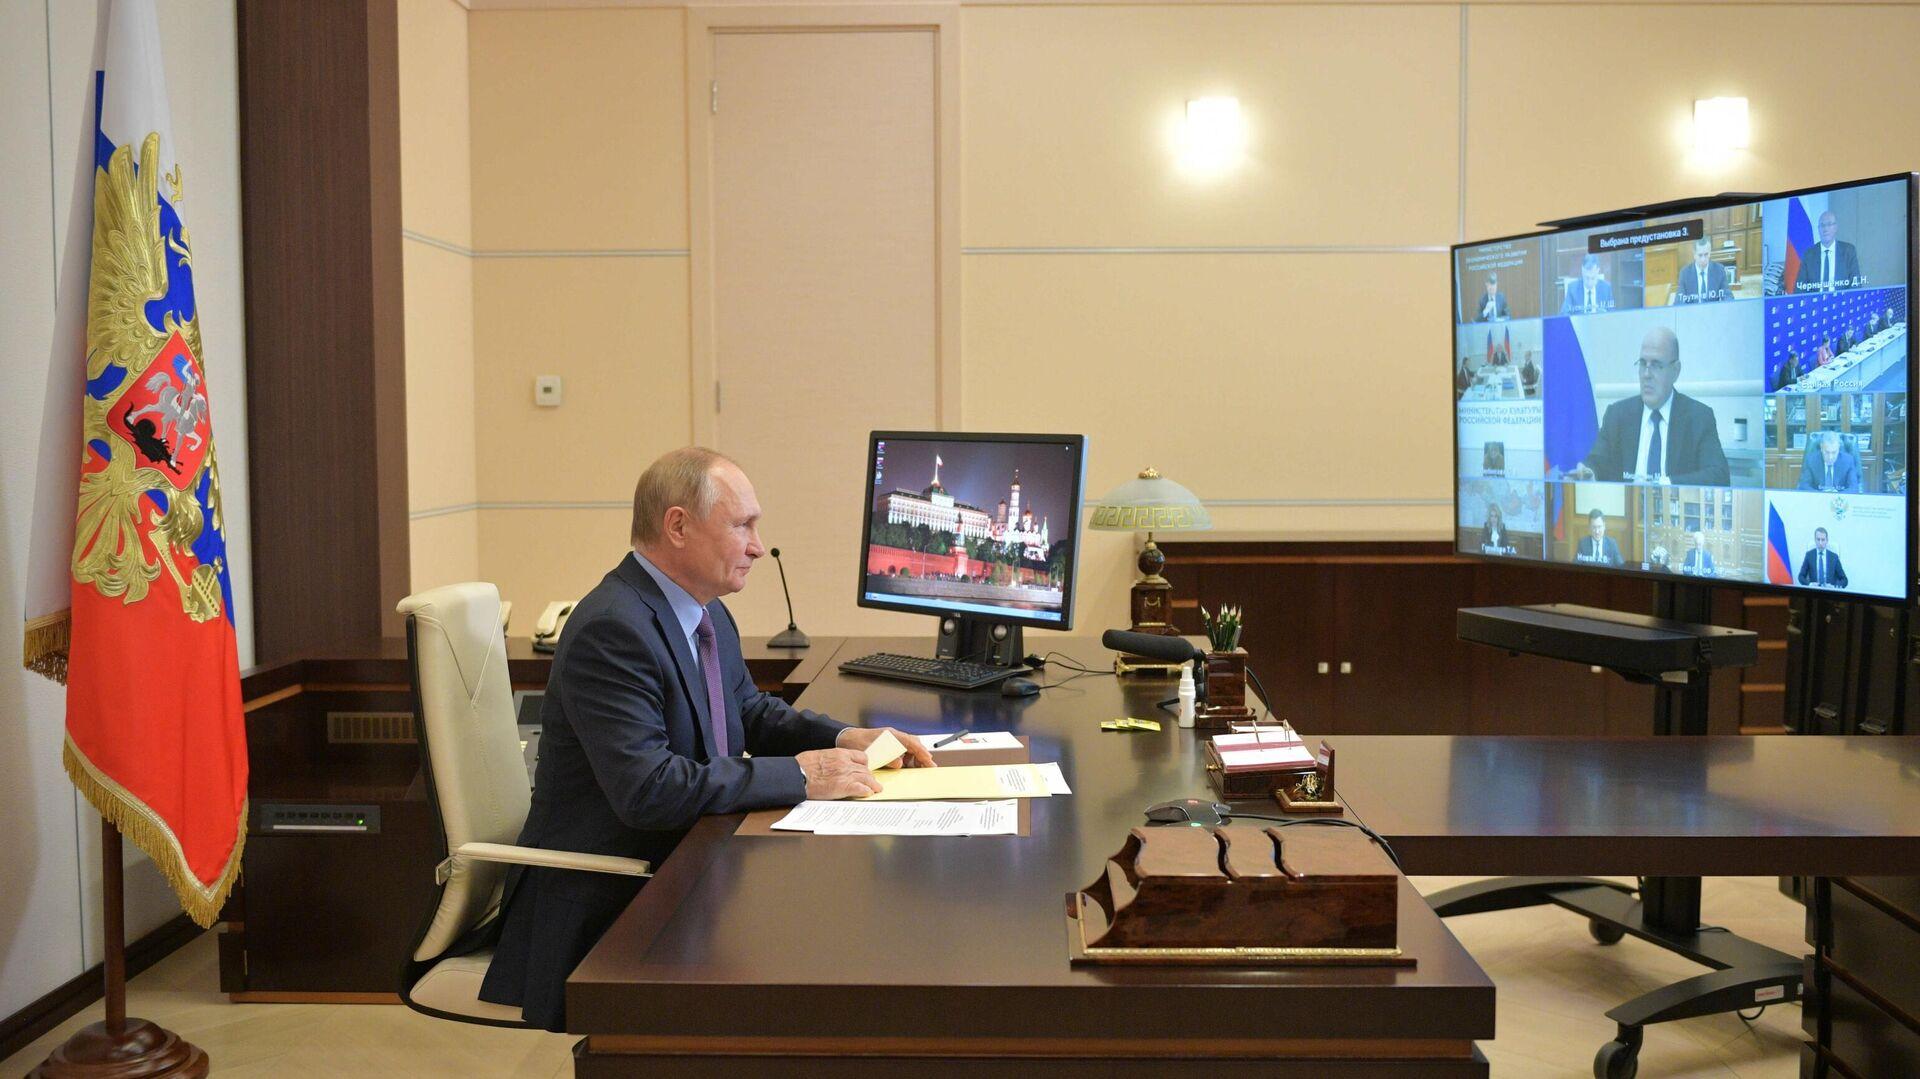 Predsednik Rusije Vladimir Putin tokom onlajn sednice Vlade Rusije - Sputnik Srbija, 1920, 15.09.2021